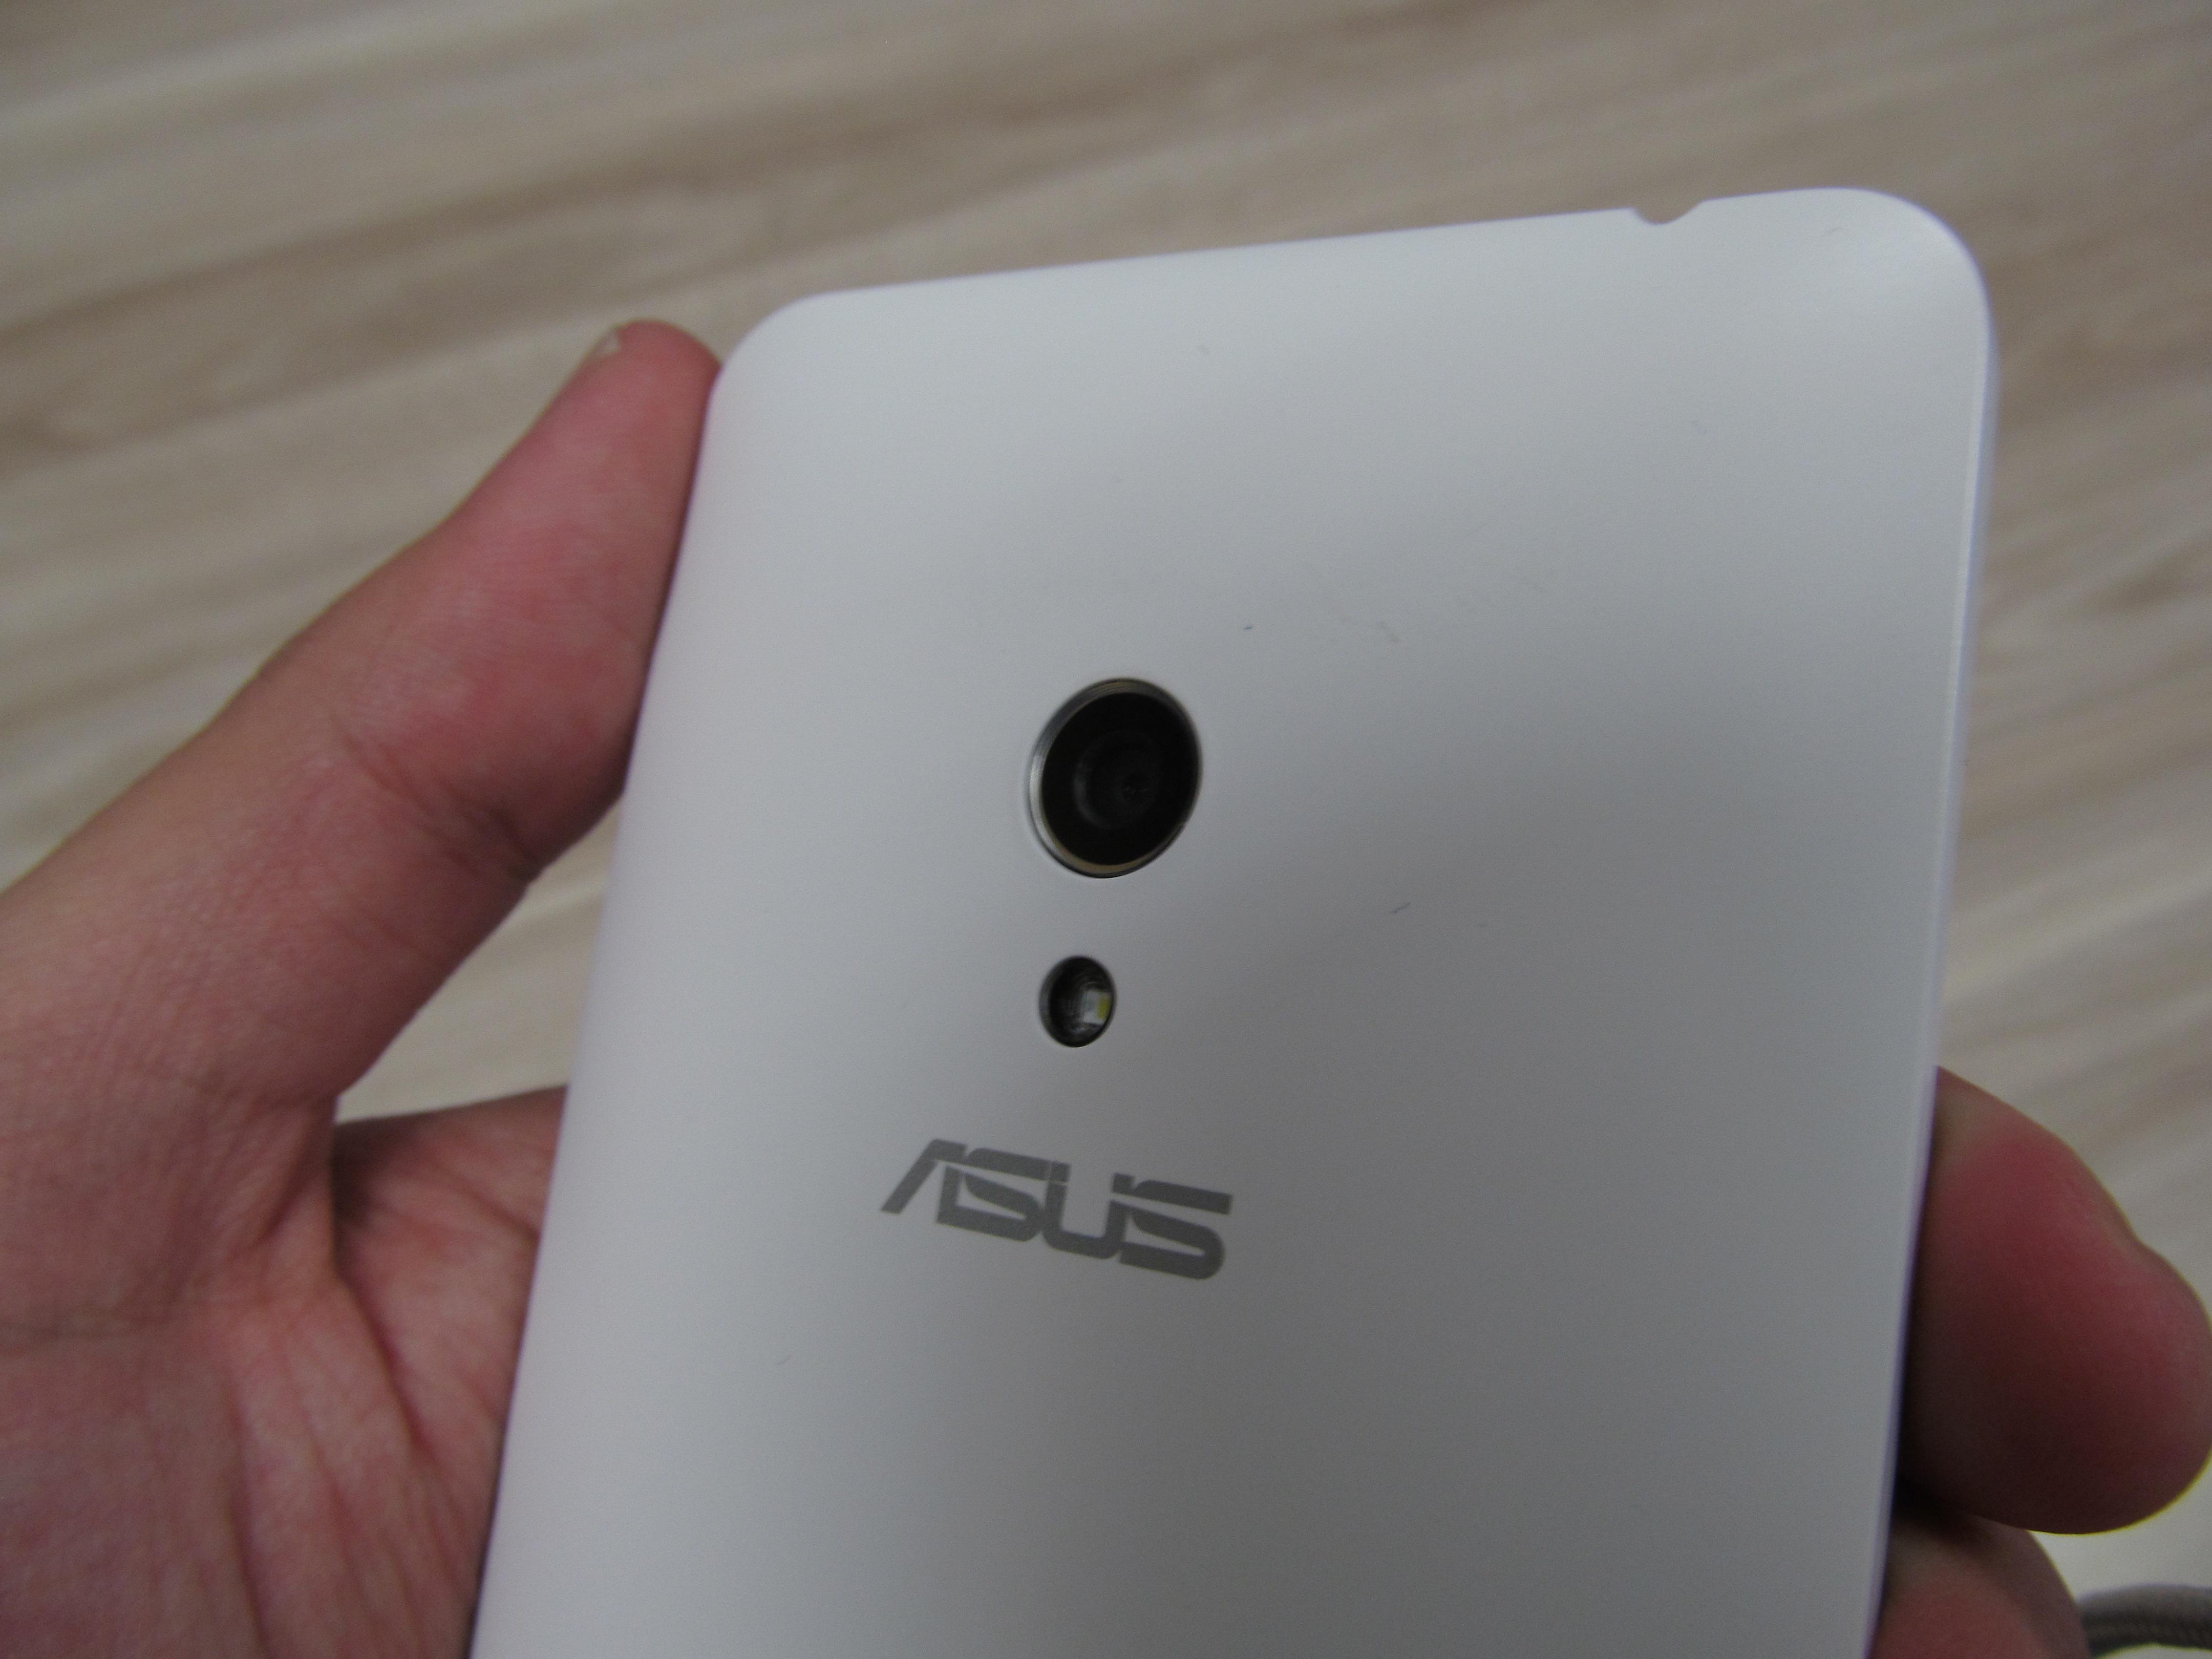 A câmera do Asus Zenfone 5 tem 8 megapixels